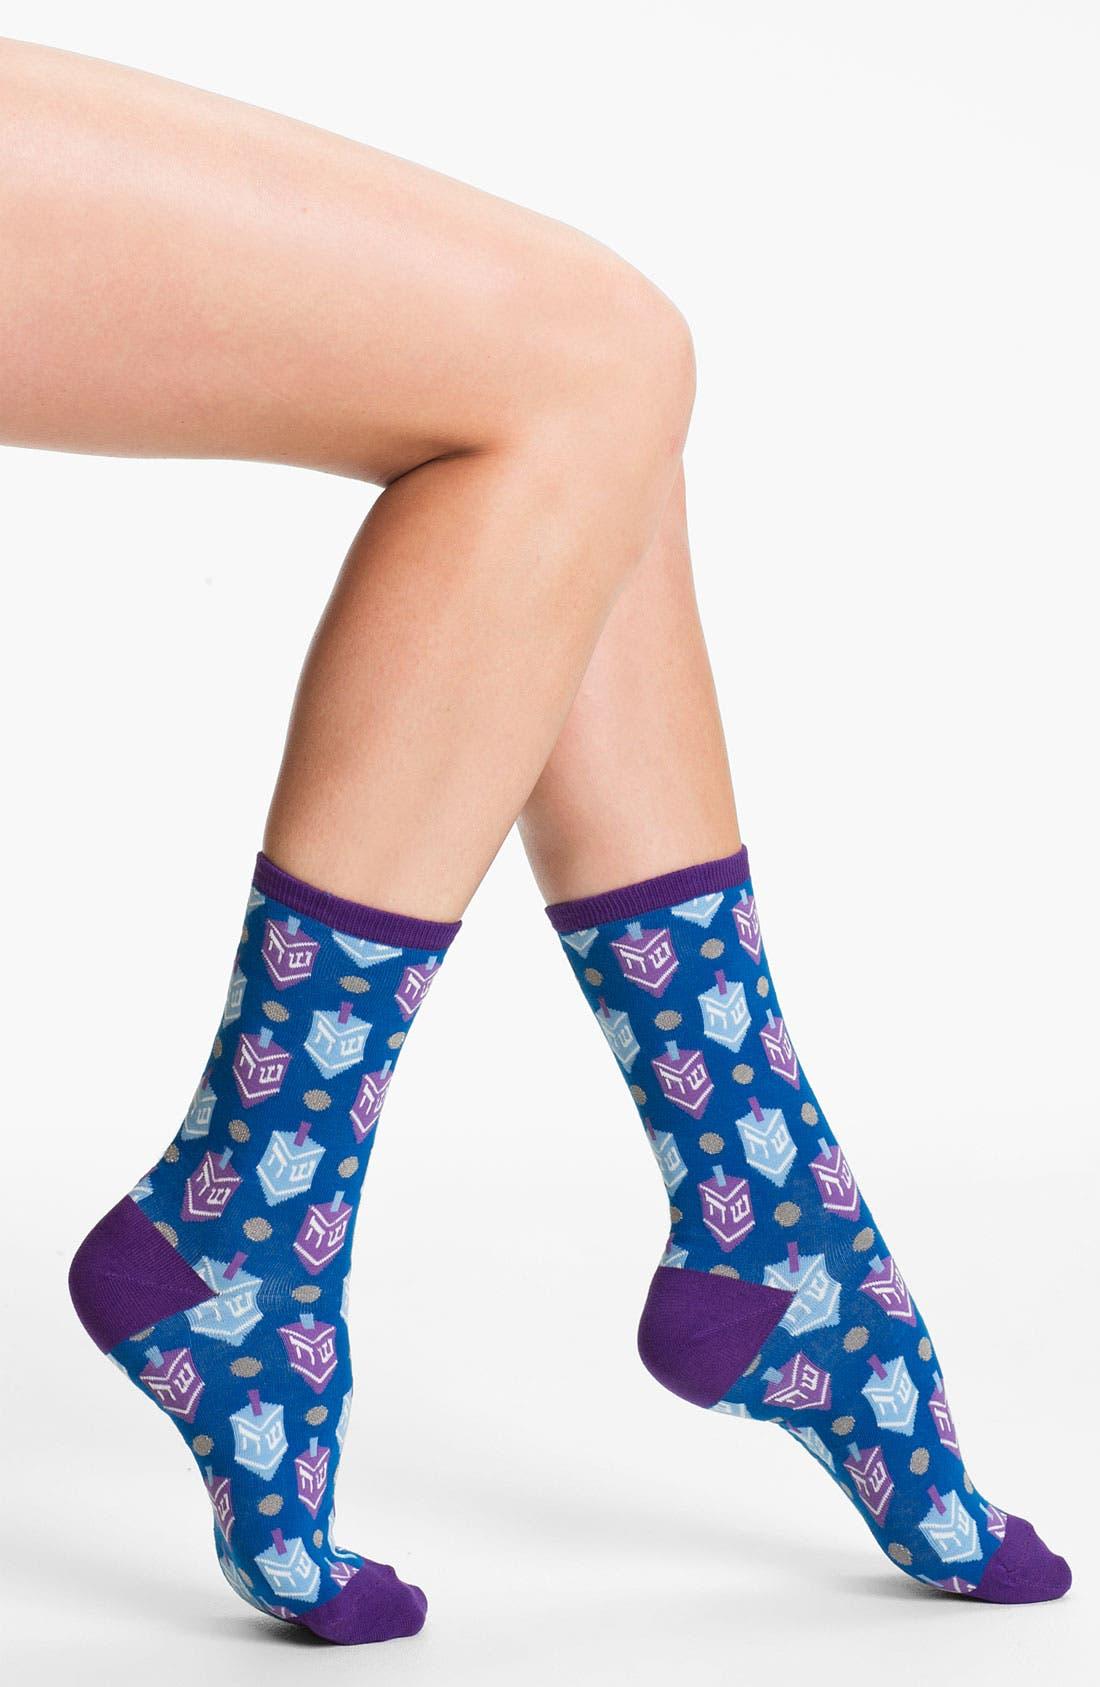 Alternate Image 1 Selected - Hot Sox 'Hanukkah' Socks